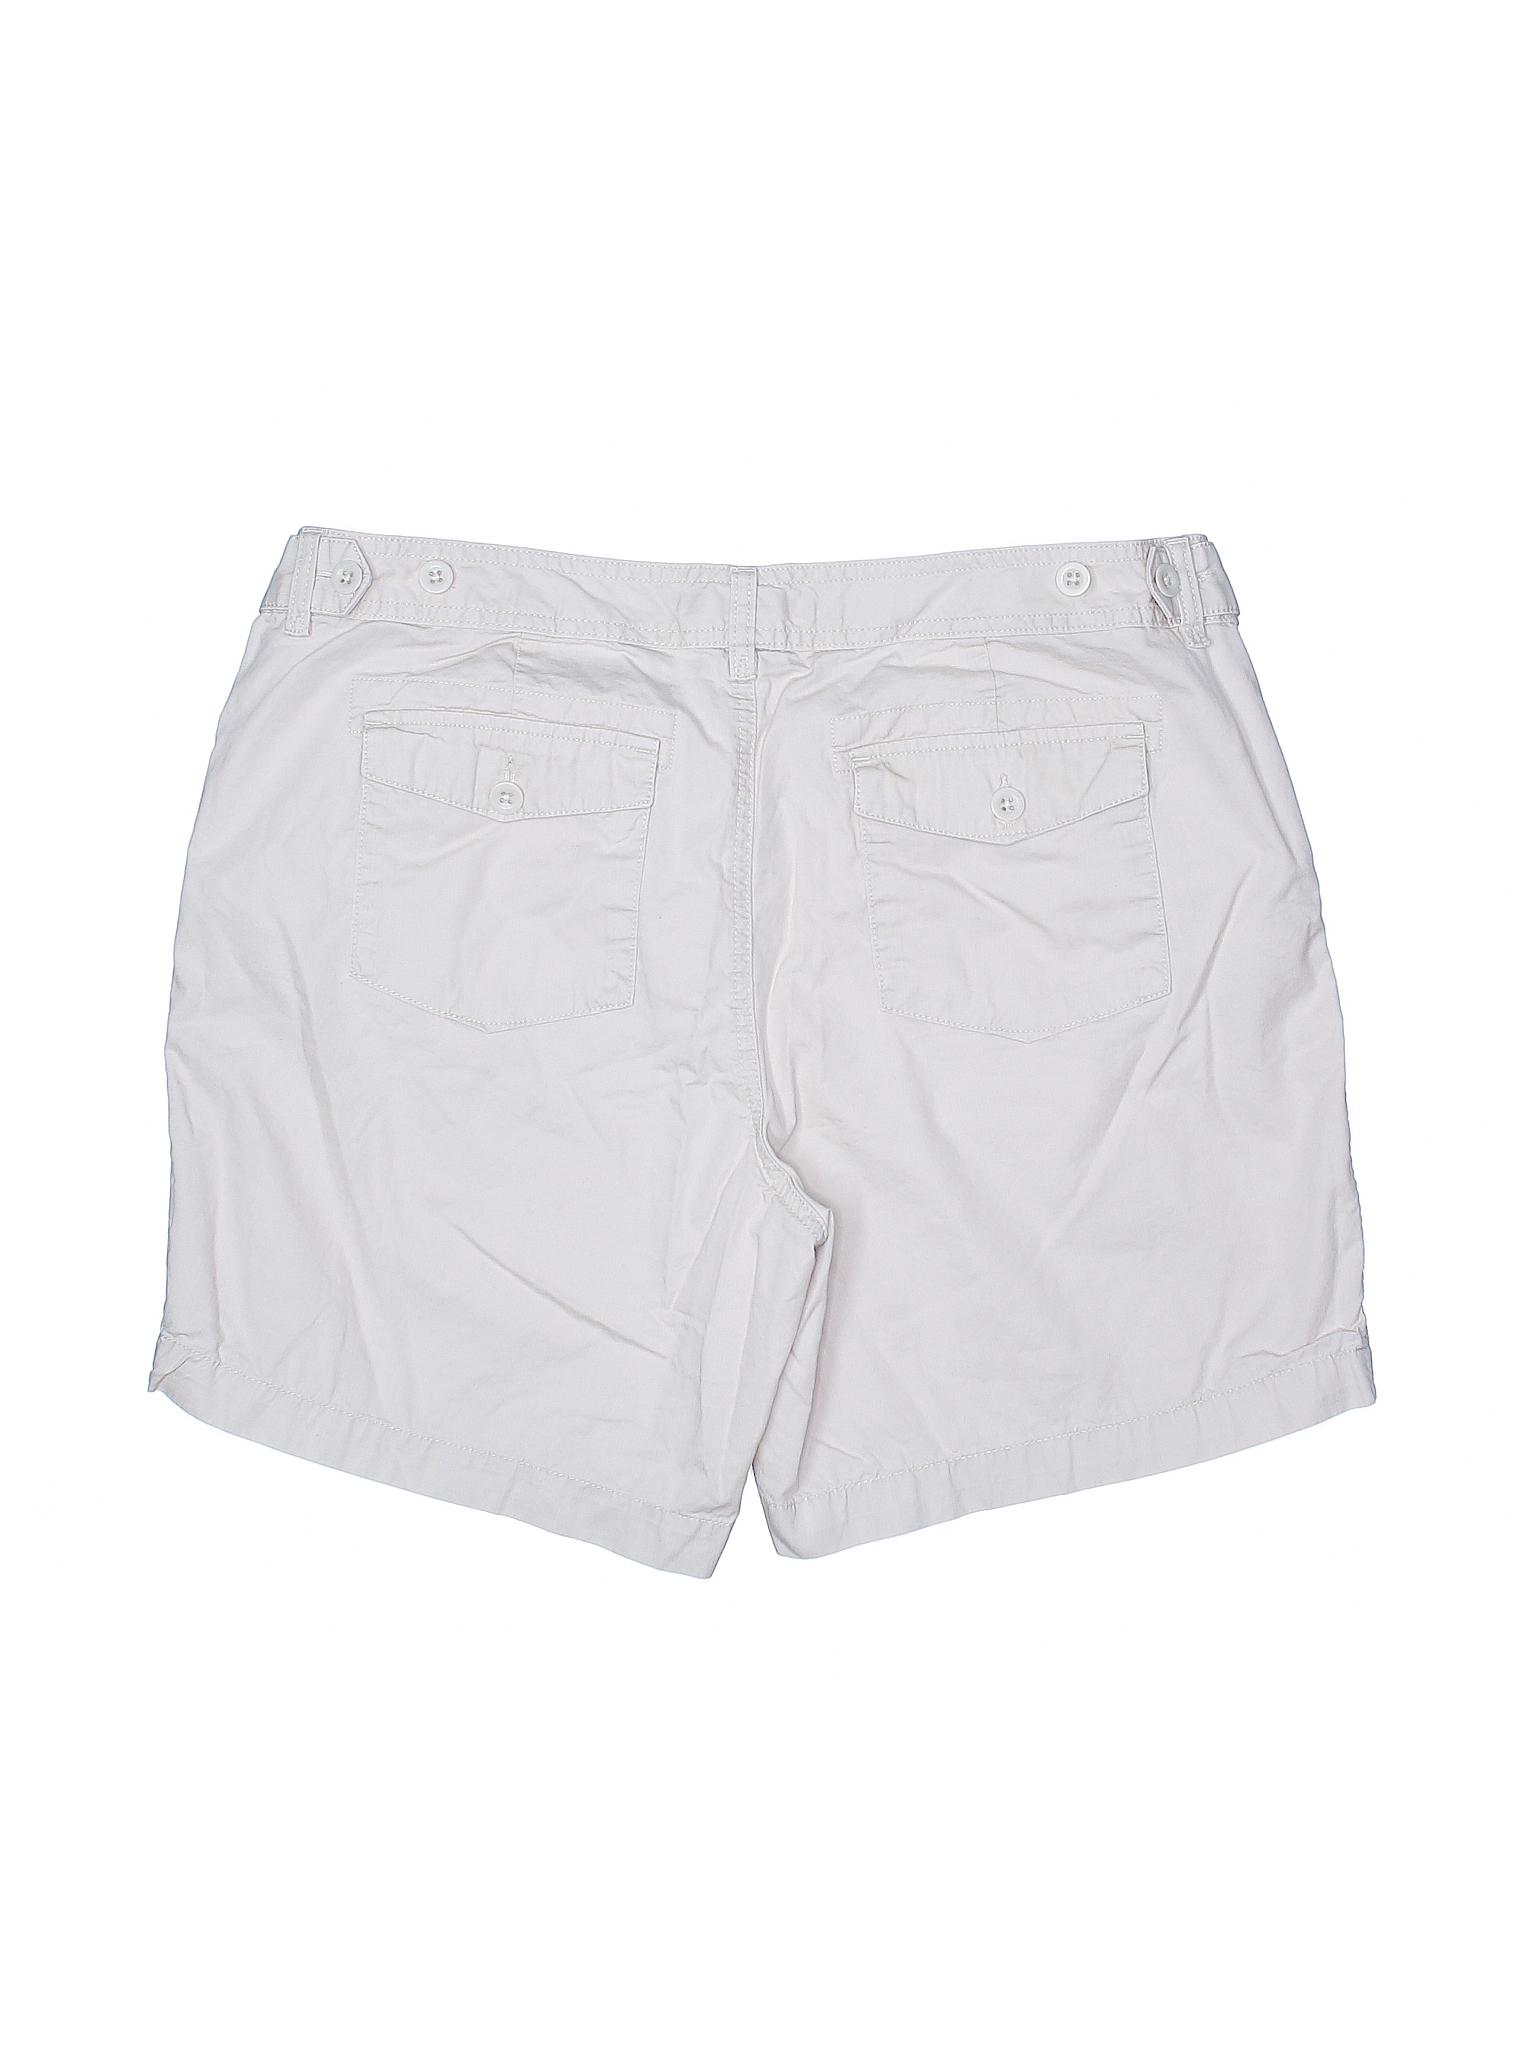 Shorts Boutique Boutique Eddie Bauer Khaki Eddie Shorts Khaki Bauer CIw8qtn